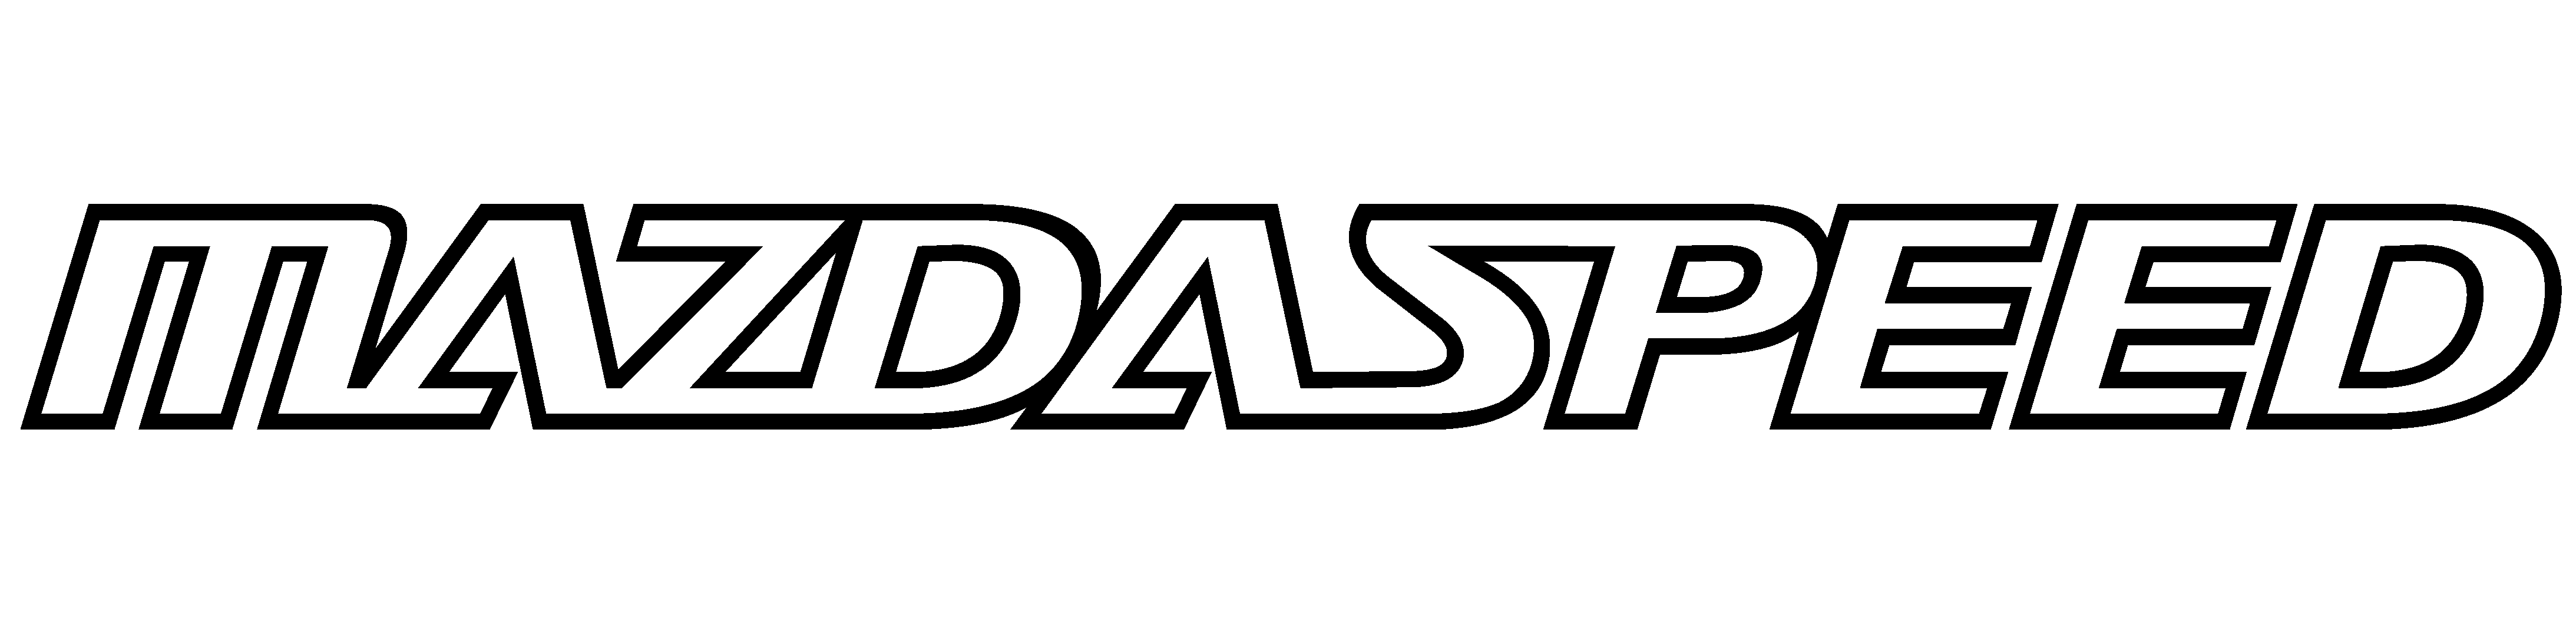 mazdaspeed png logo